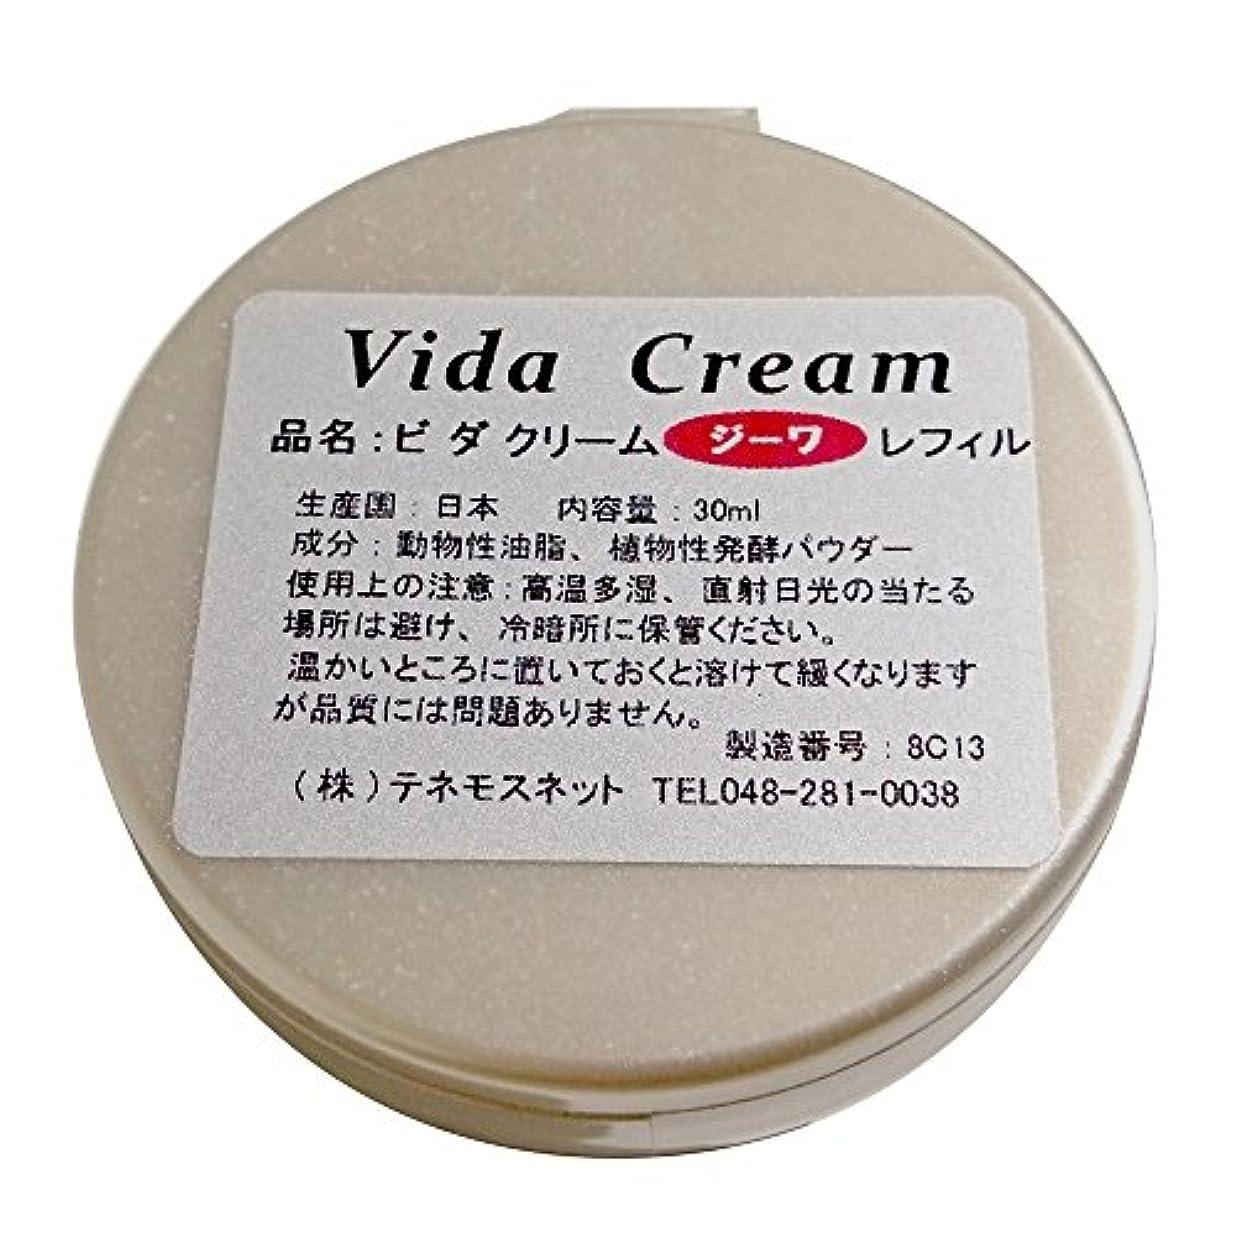 歌詞タンザニア最もテネモス ビダクリーム Vida Cream ジーワ レフィル 付替用 30ml